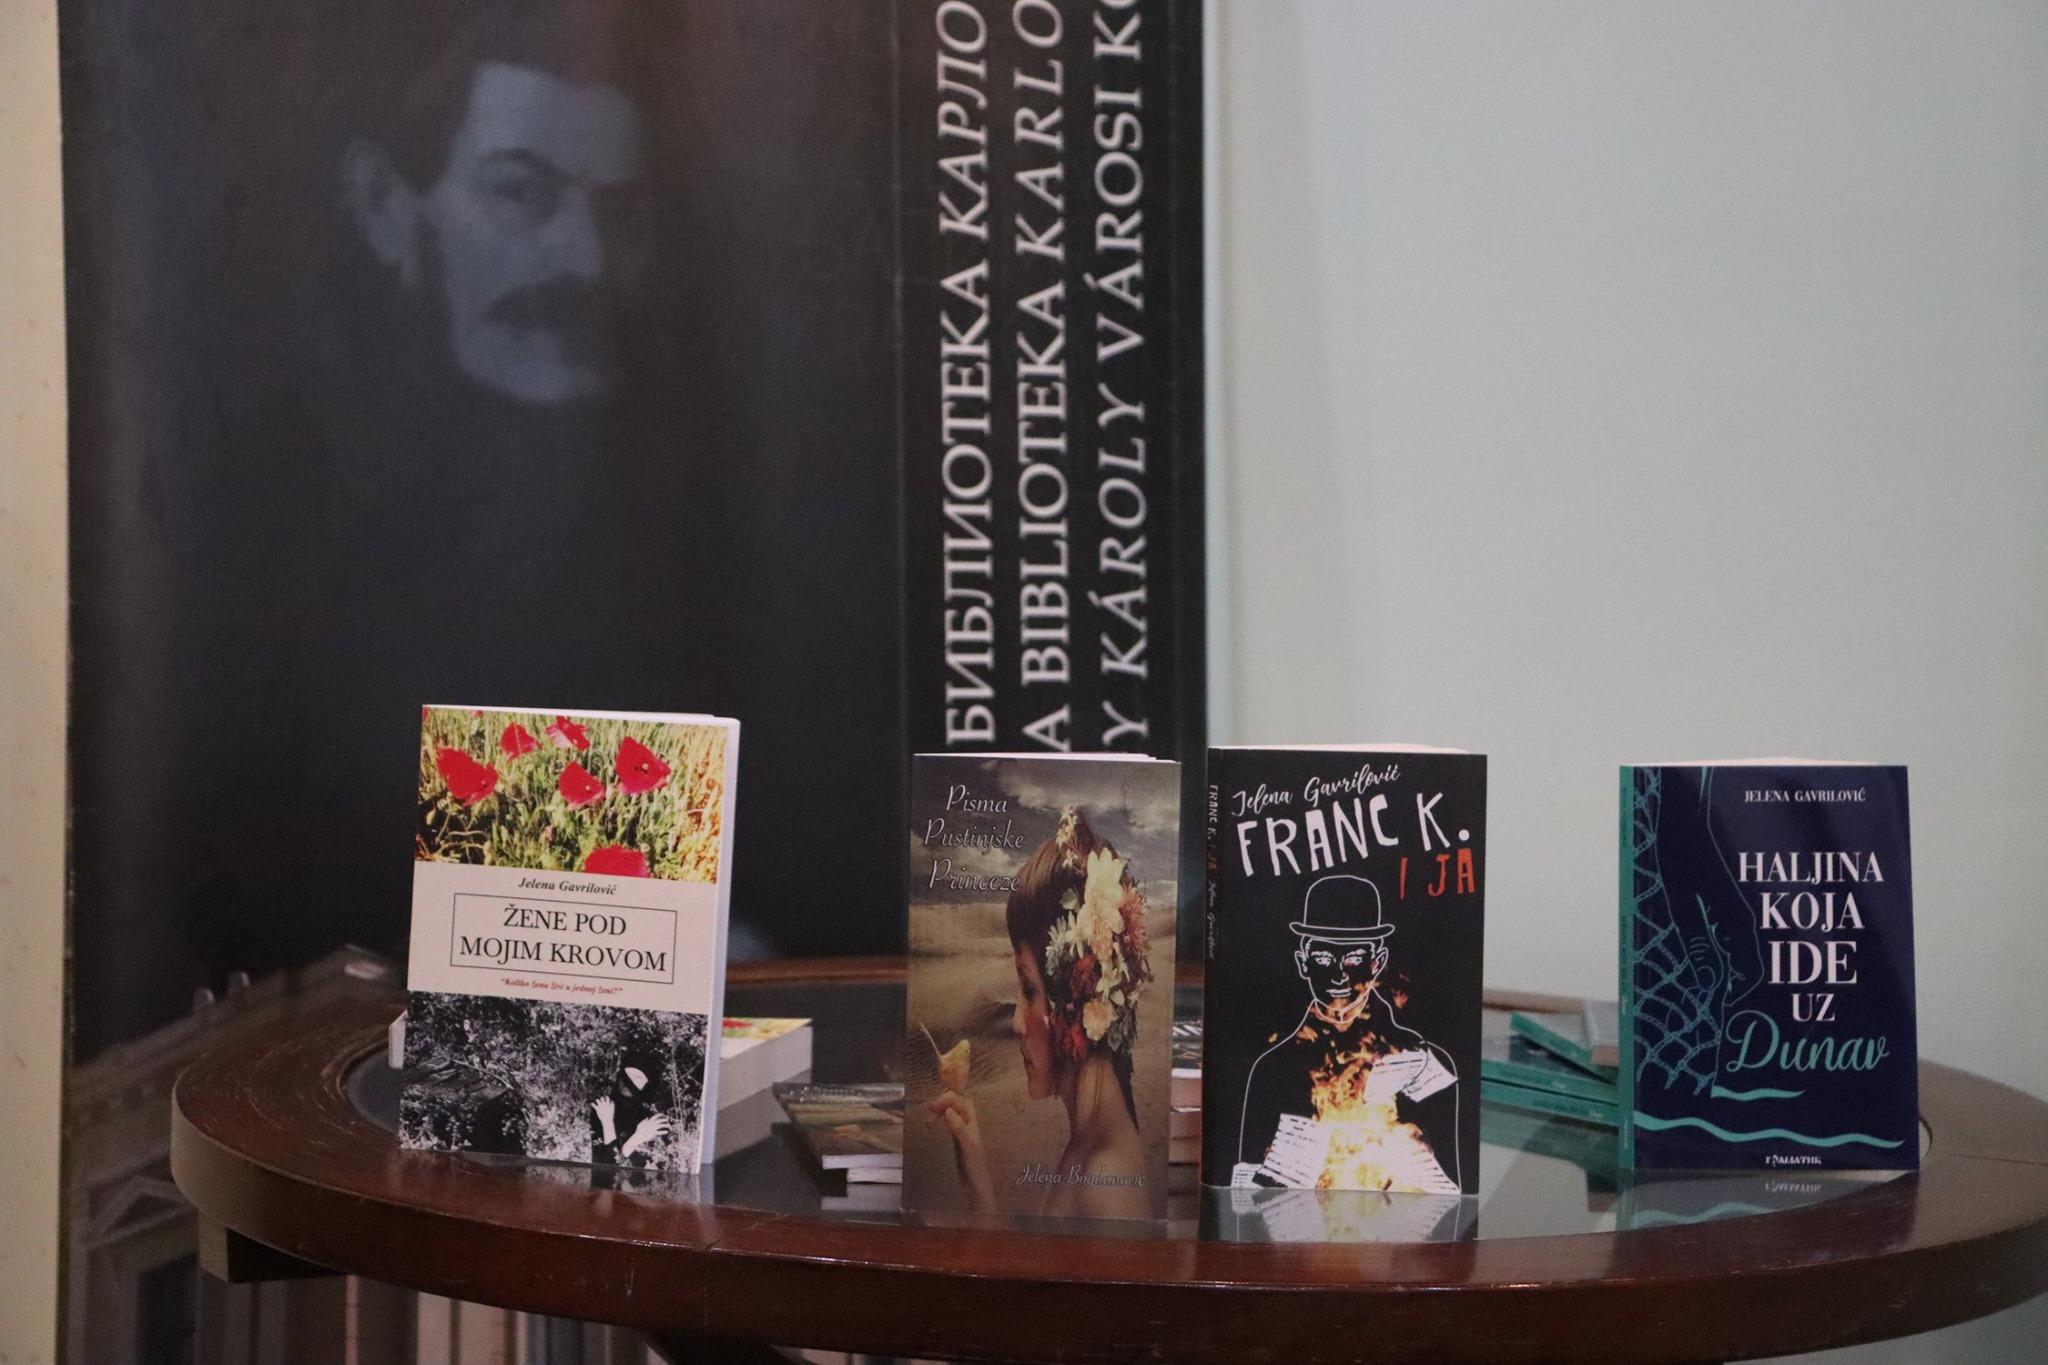 http://www.biblioso.org.rs/public/uploads/galerija/243/jelena_gavrilovic-3.jpg